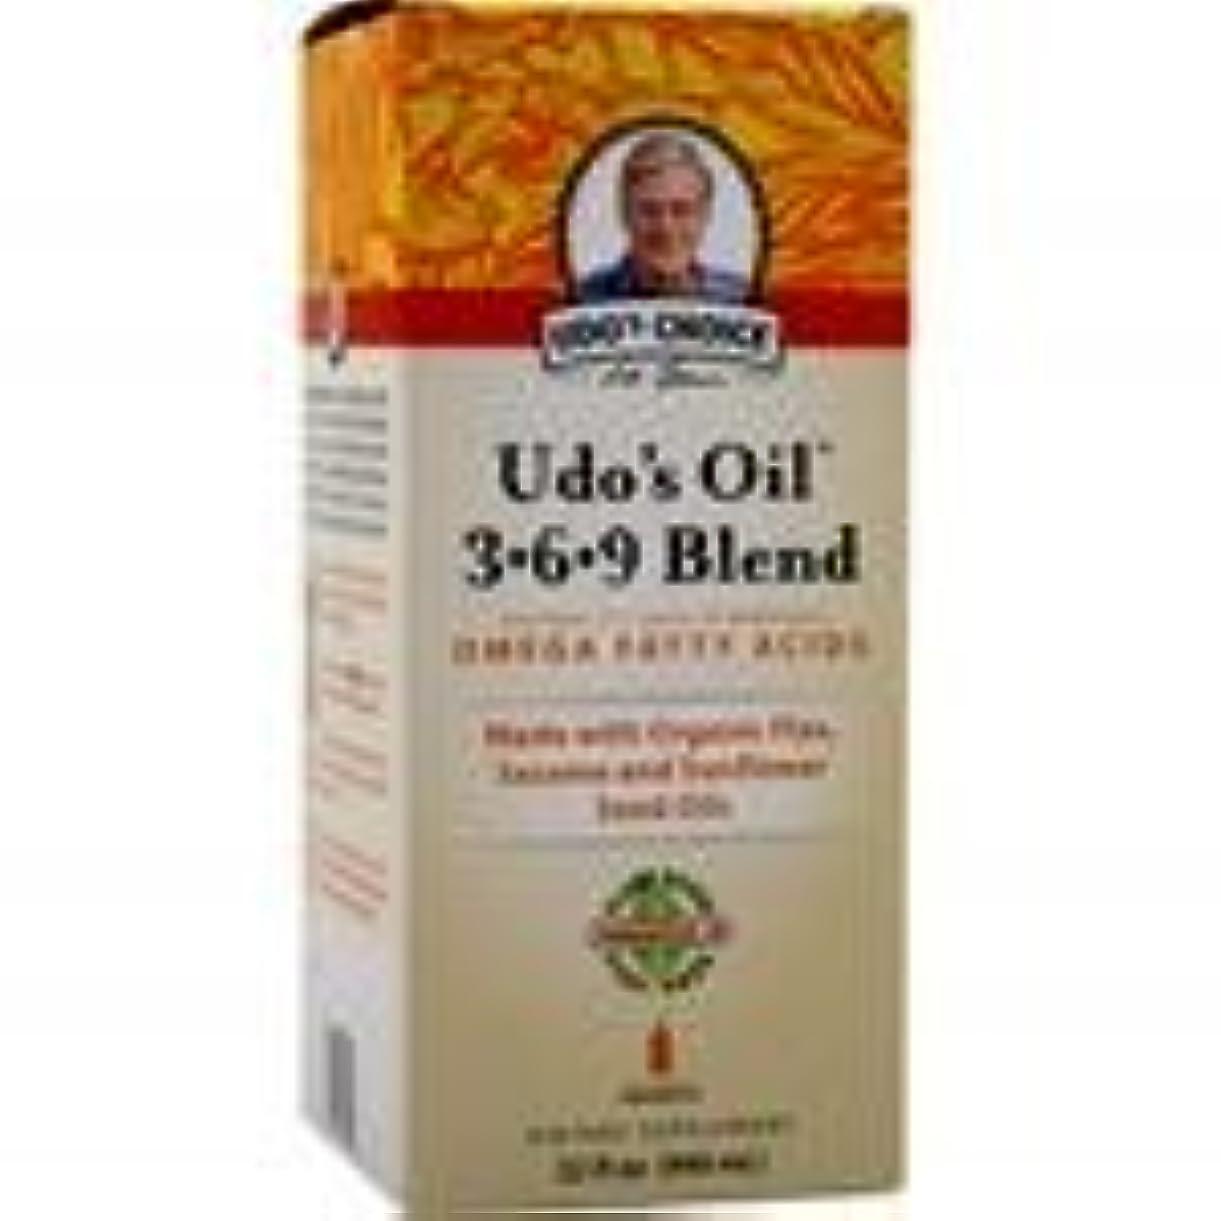 覚えているのぞき穴心理学Udo's Oil 3-6-9 Blend Liquid 32 fl.oz 2個パック